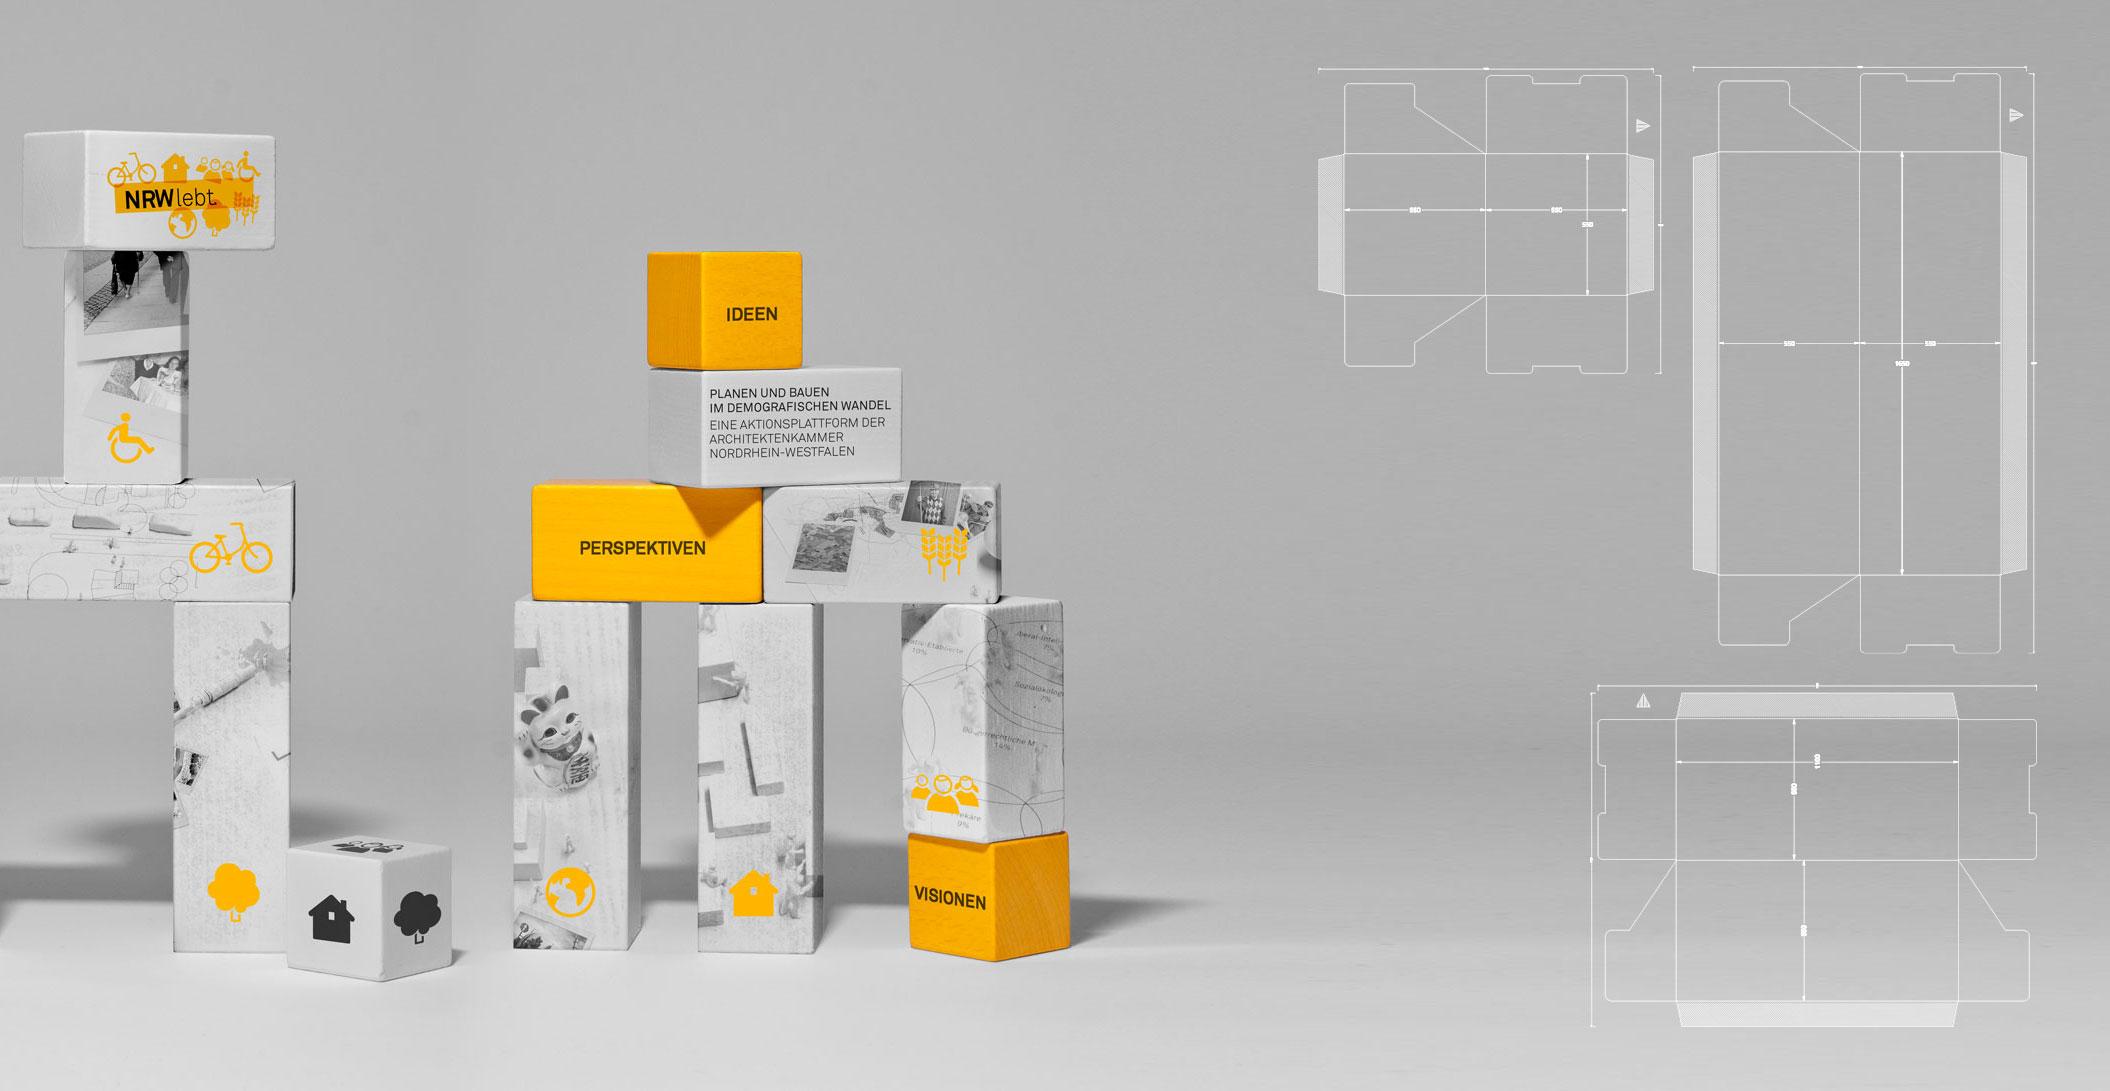 Gestaltung für Screen, Print und sehr unterschiedliche Locations - Architektenkammer NRW - NRW lebt.